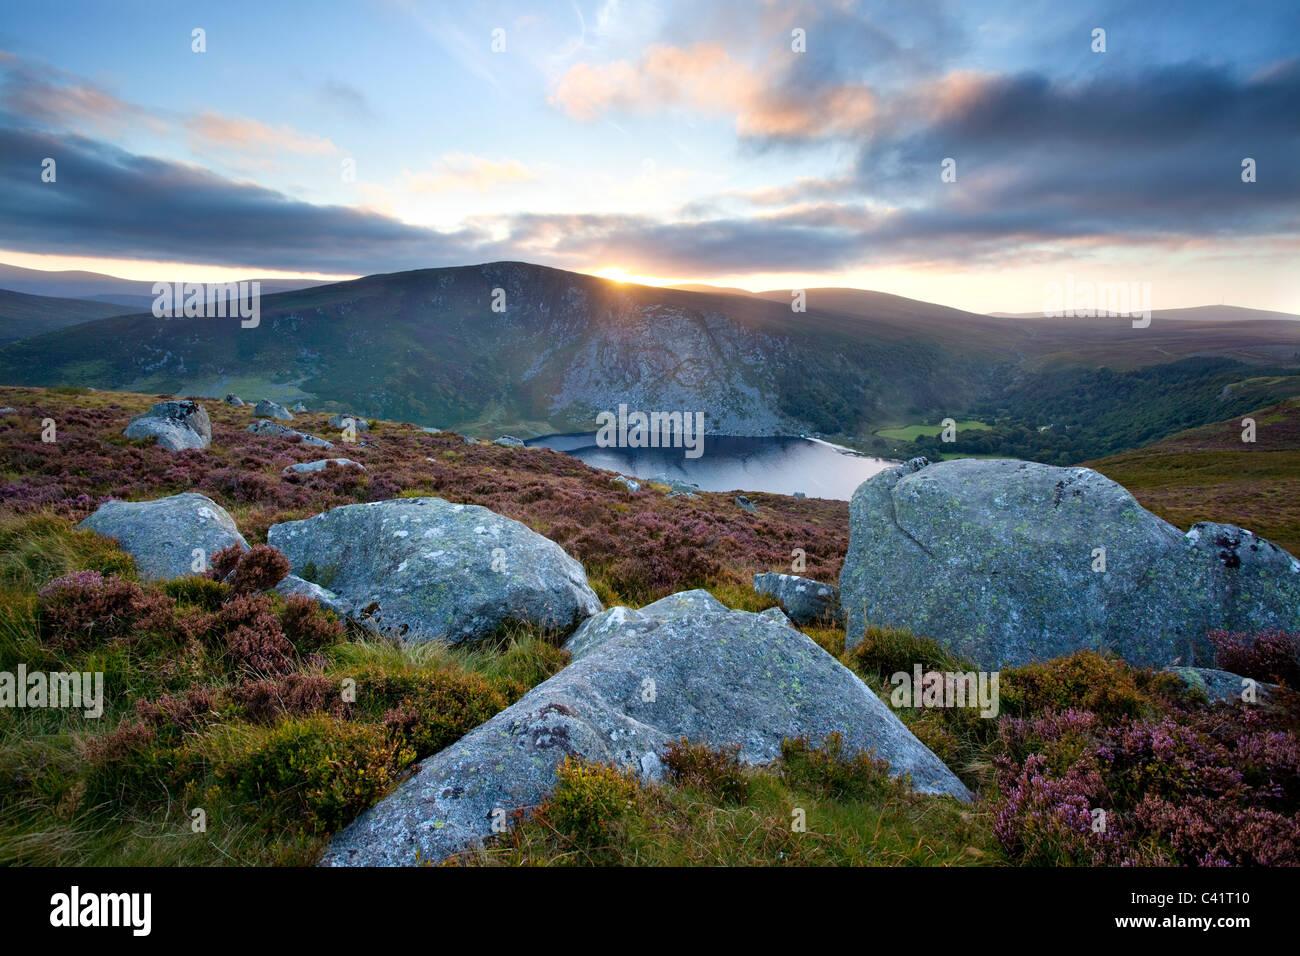 Tramonto sul Lough Tay, il Parco Nazionale di Wicklow Mountains, County Wicklow, Irlanda. Immagini Stock